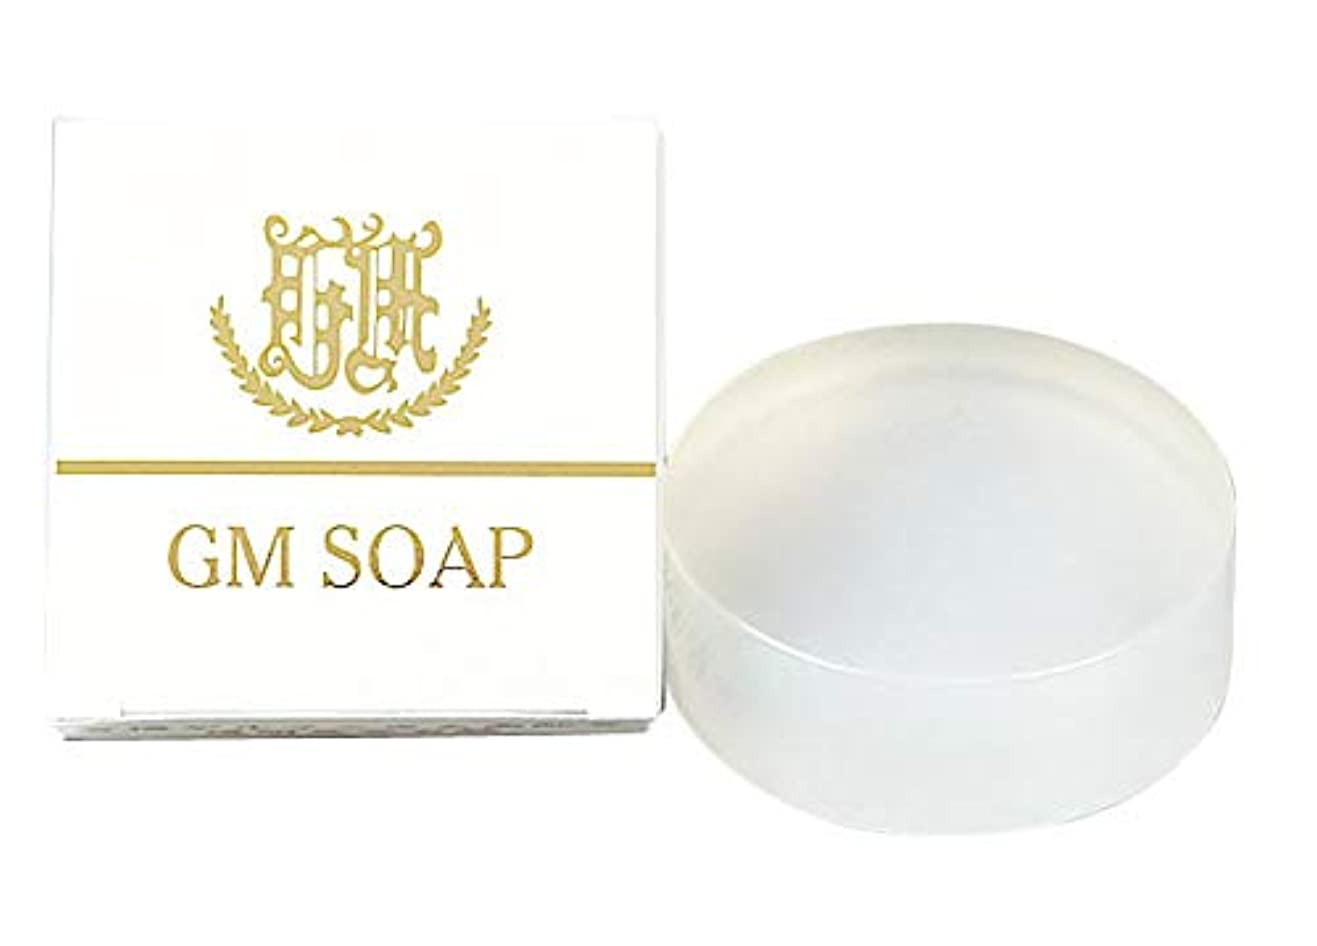 スロープ差別的ふつう【GM SOAP(ジーエムソープ)】 100g